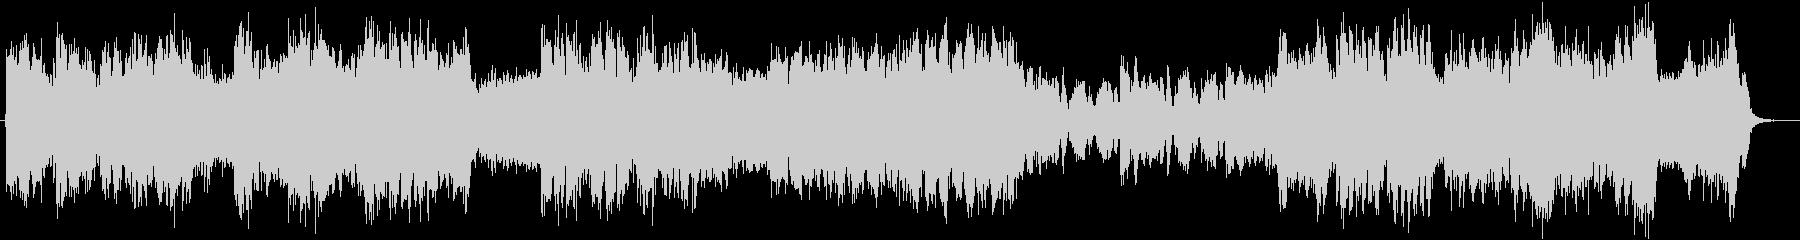 モーツァルトの「Dies Irae」の未再生の波形